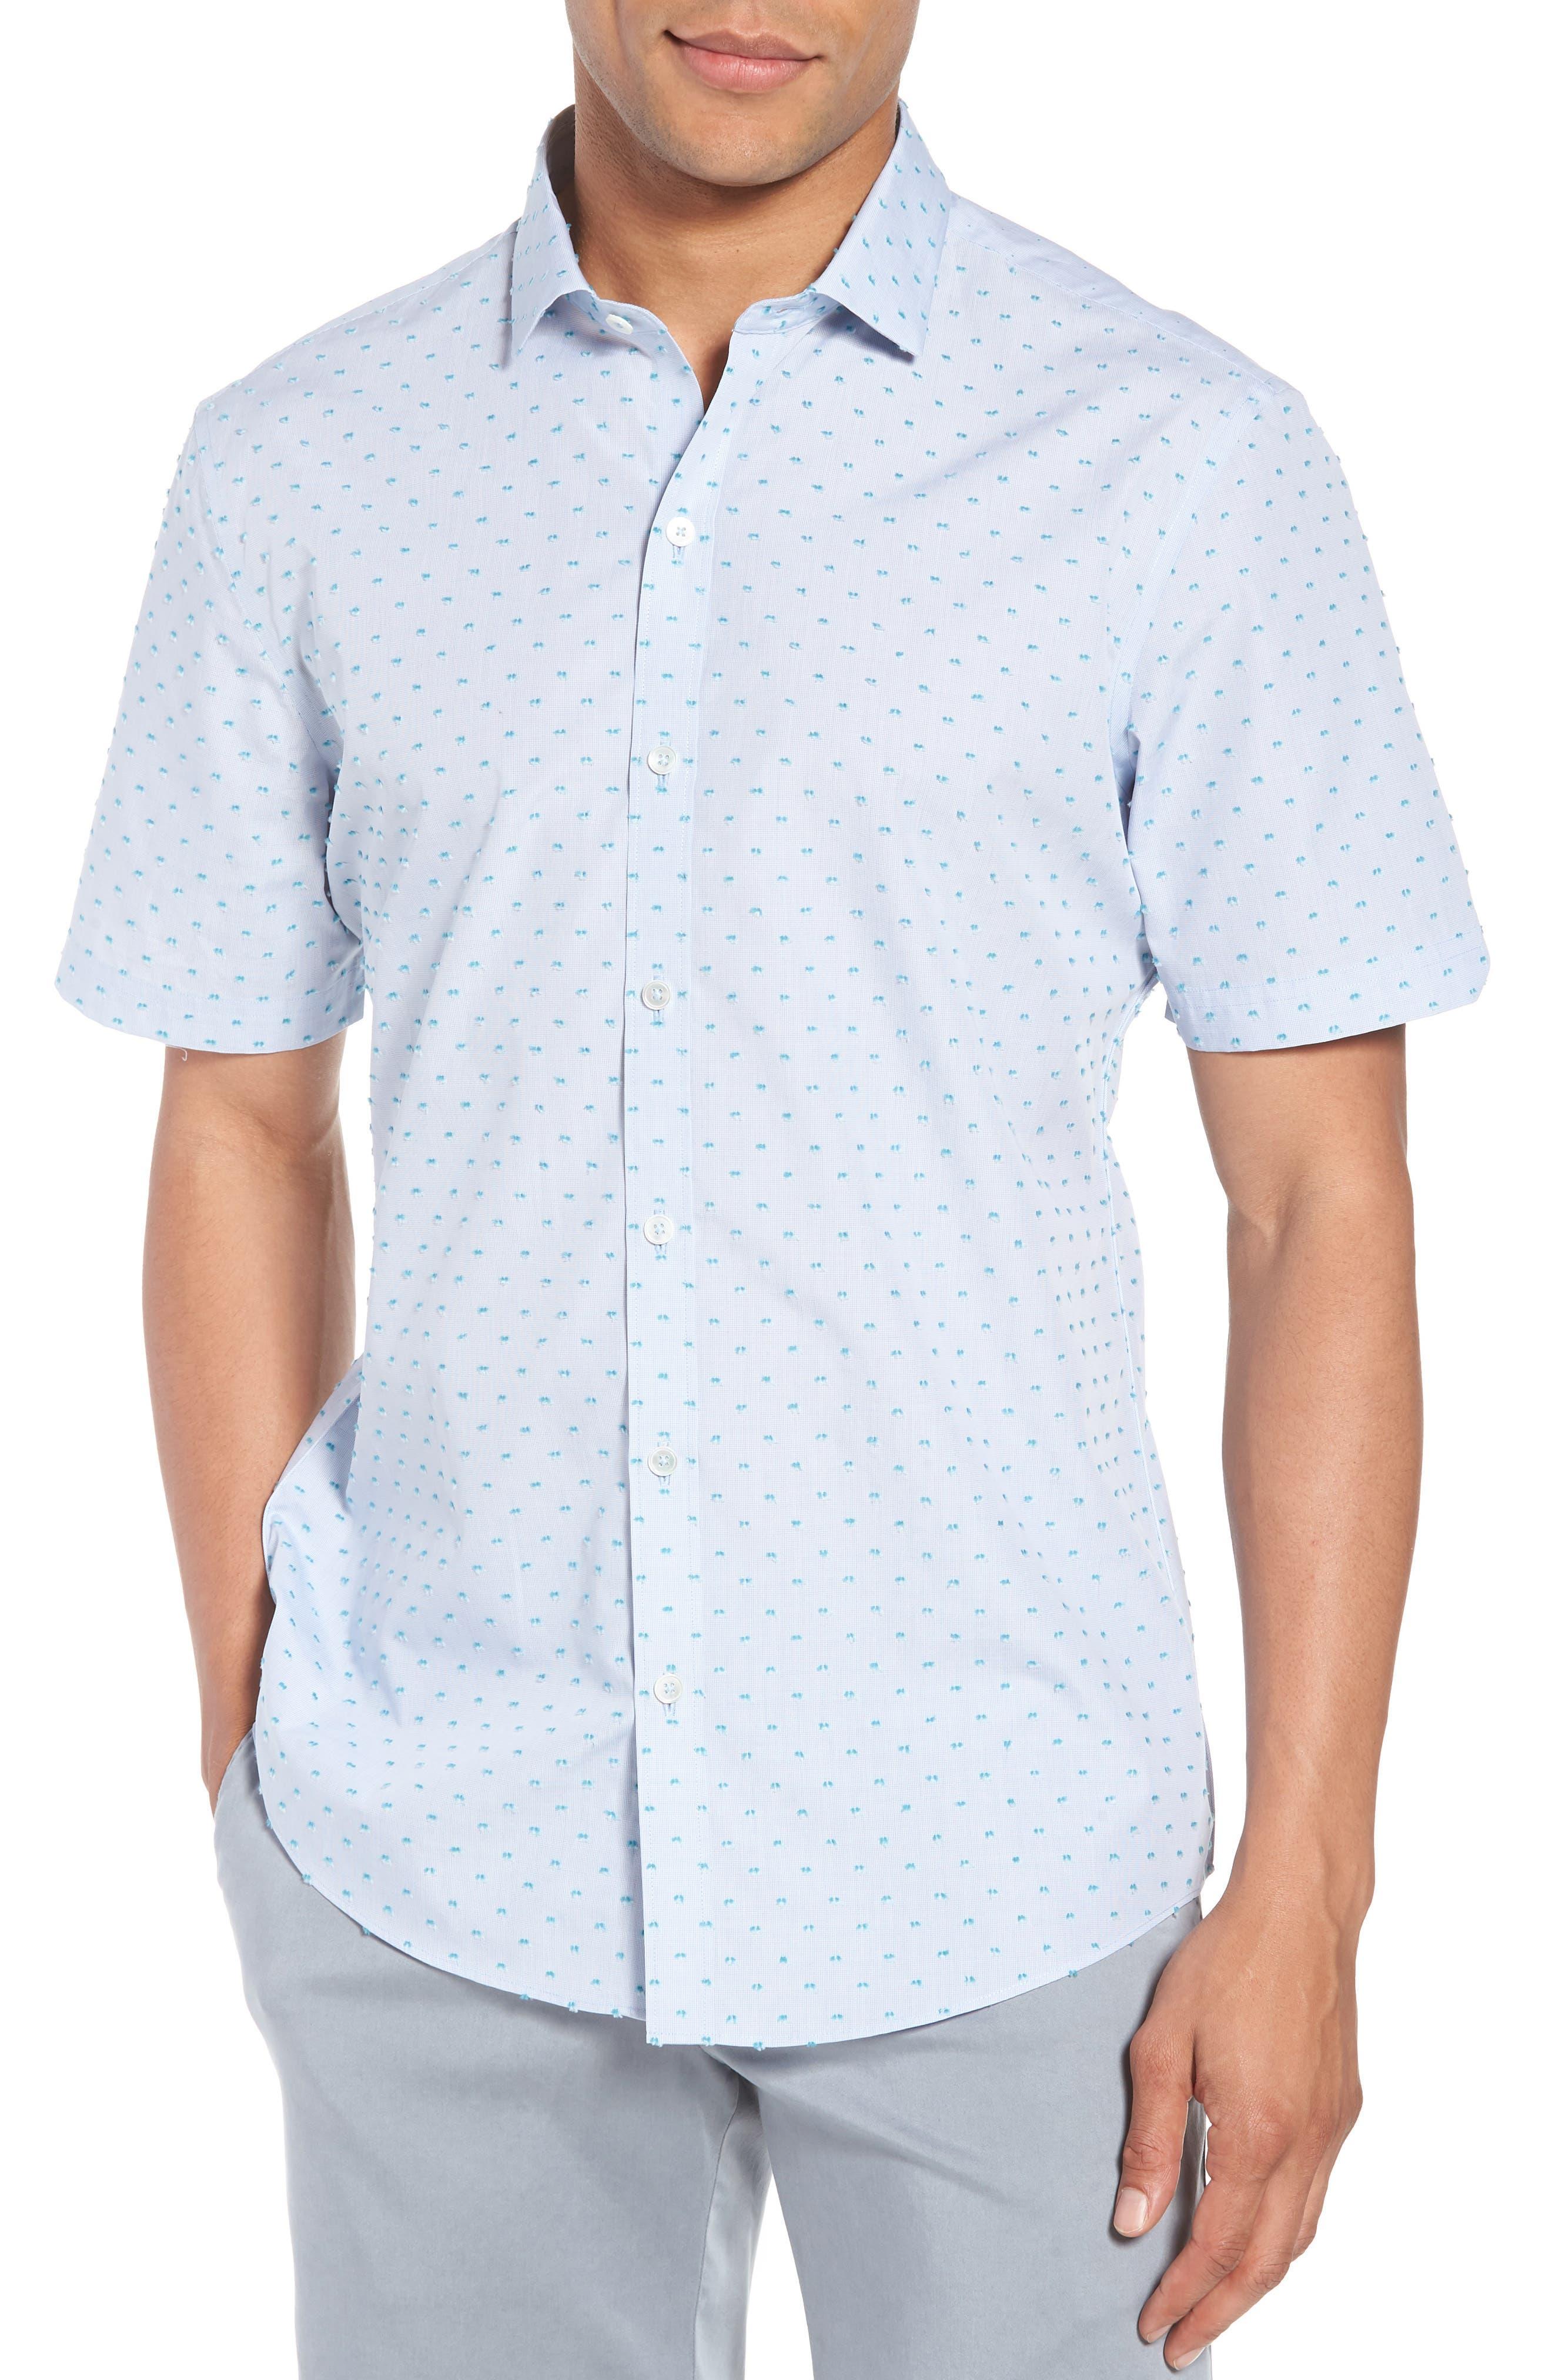 Dolle Fil a Coupe Sport Shirt,                             Main thumbnail 1, color,                             Light Blue